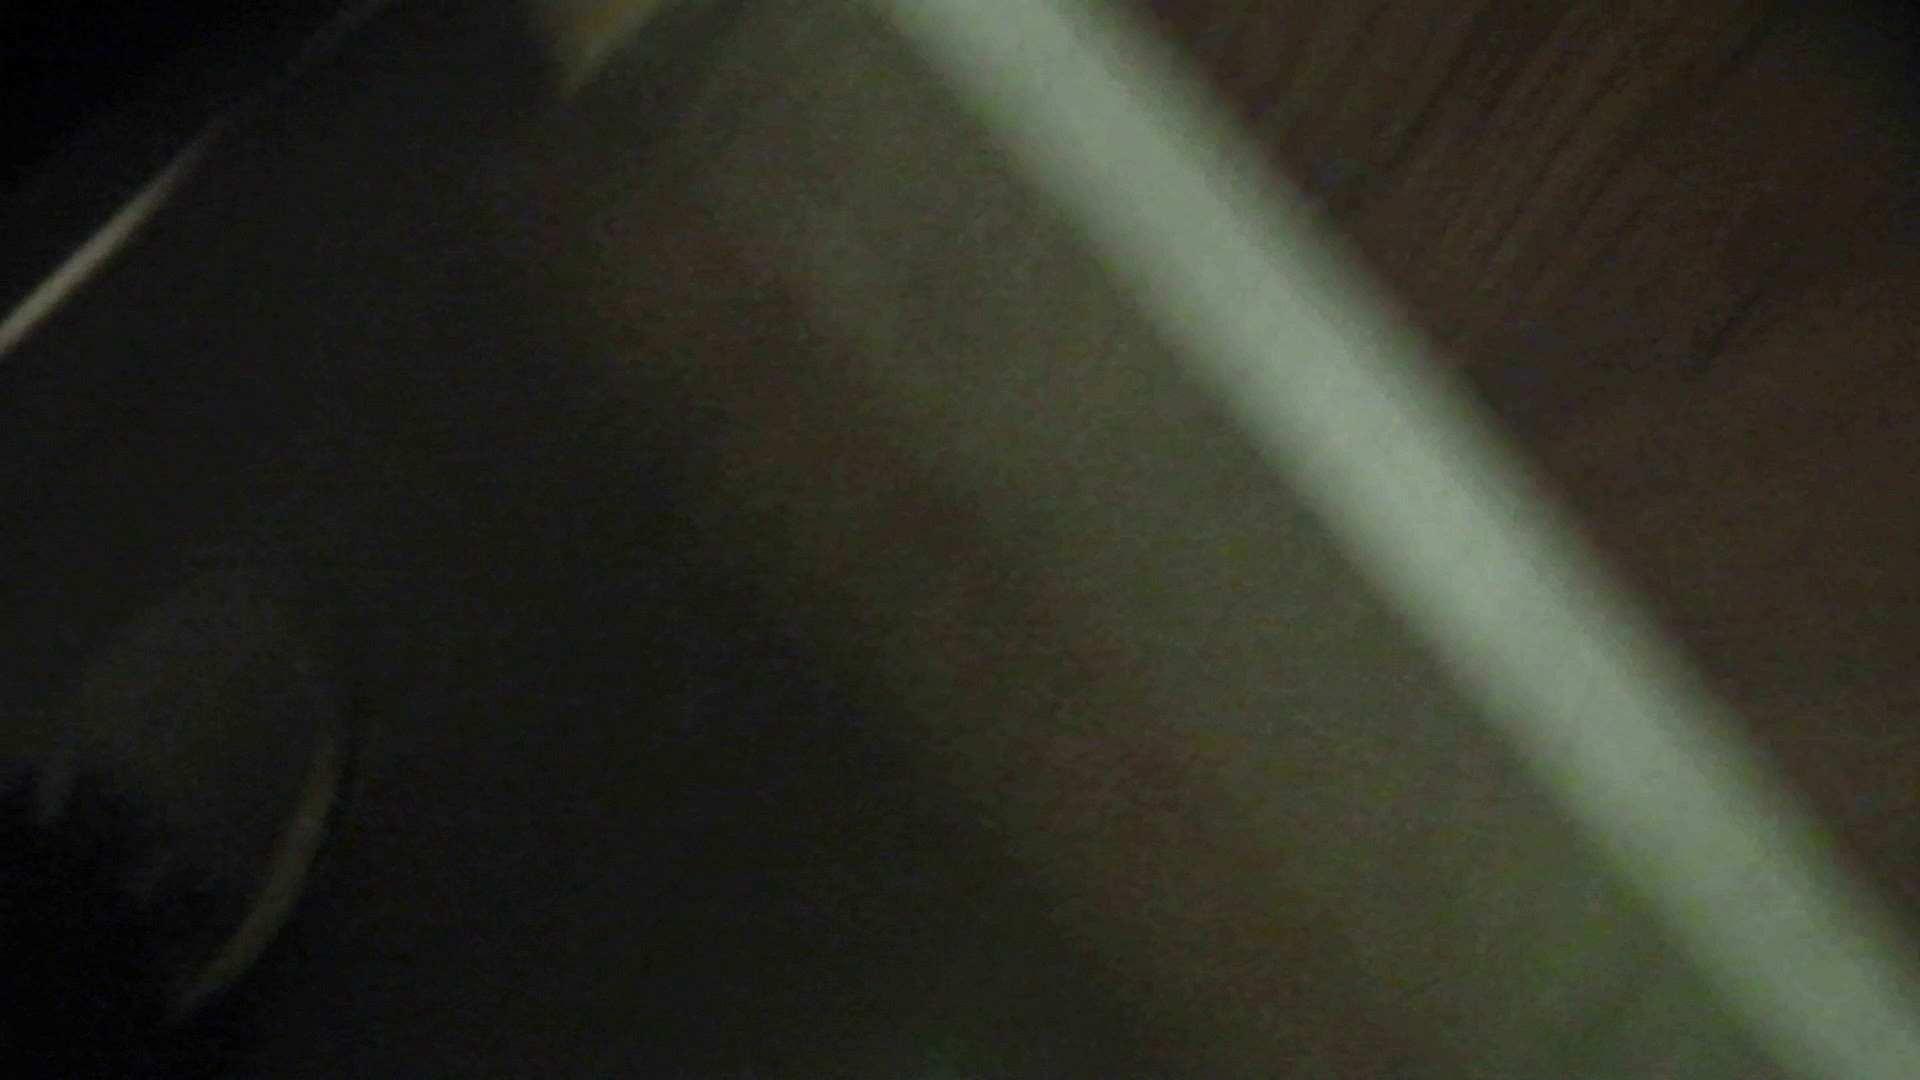 阿国ちゃんの「和式洋式七変化」No.14 洗面所   和式で踏ん張り中  74連発 51